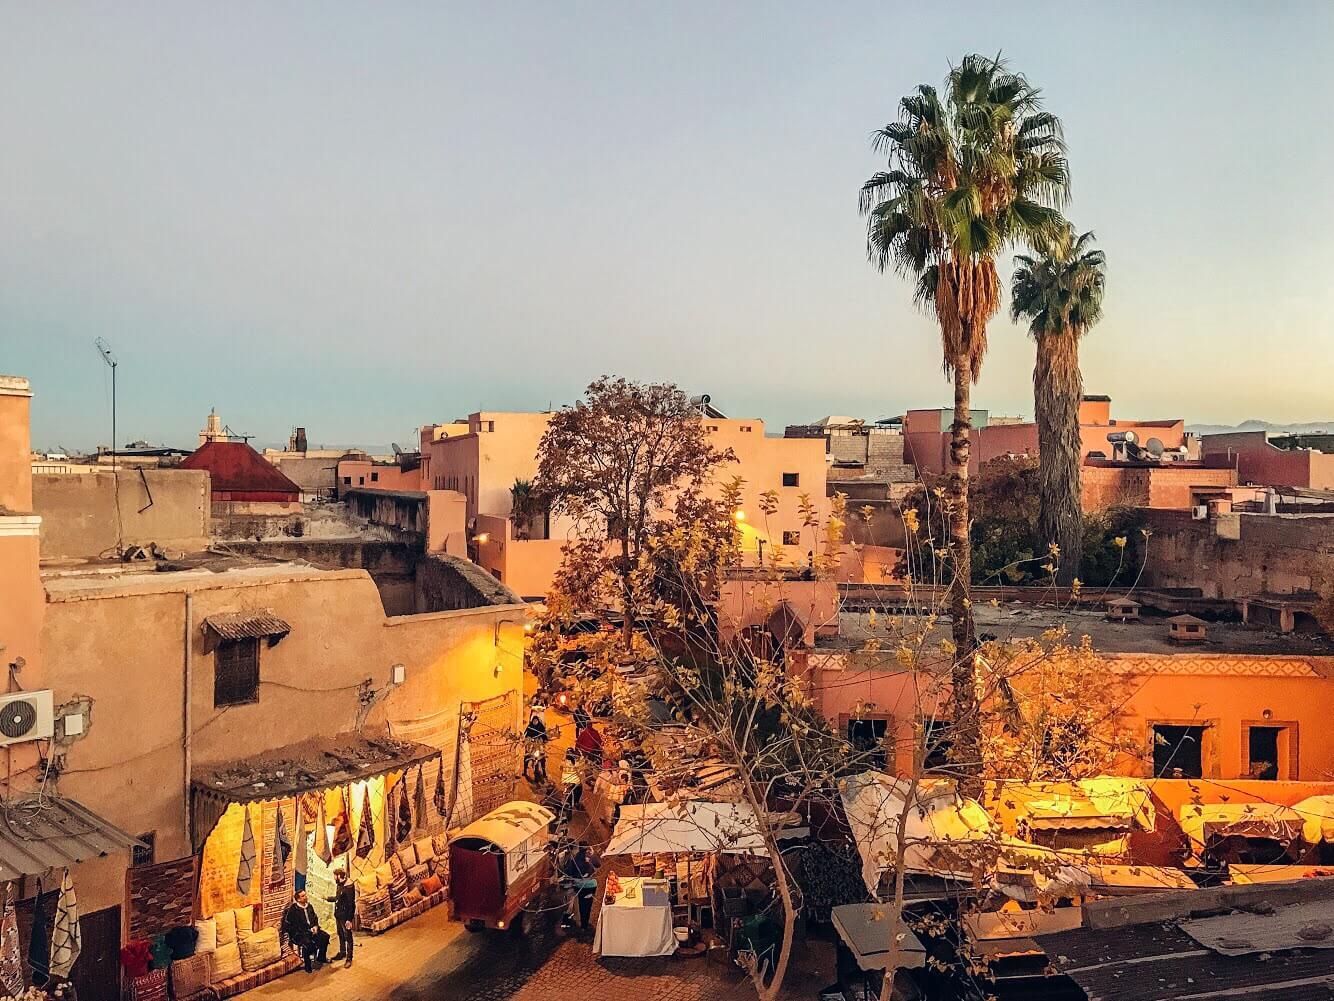 La città di Marrakech illuminata dai colori caldi della luce del tramonto